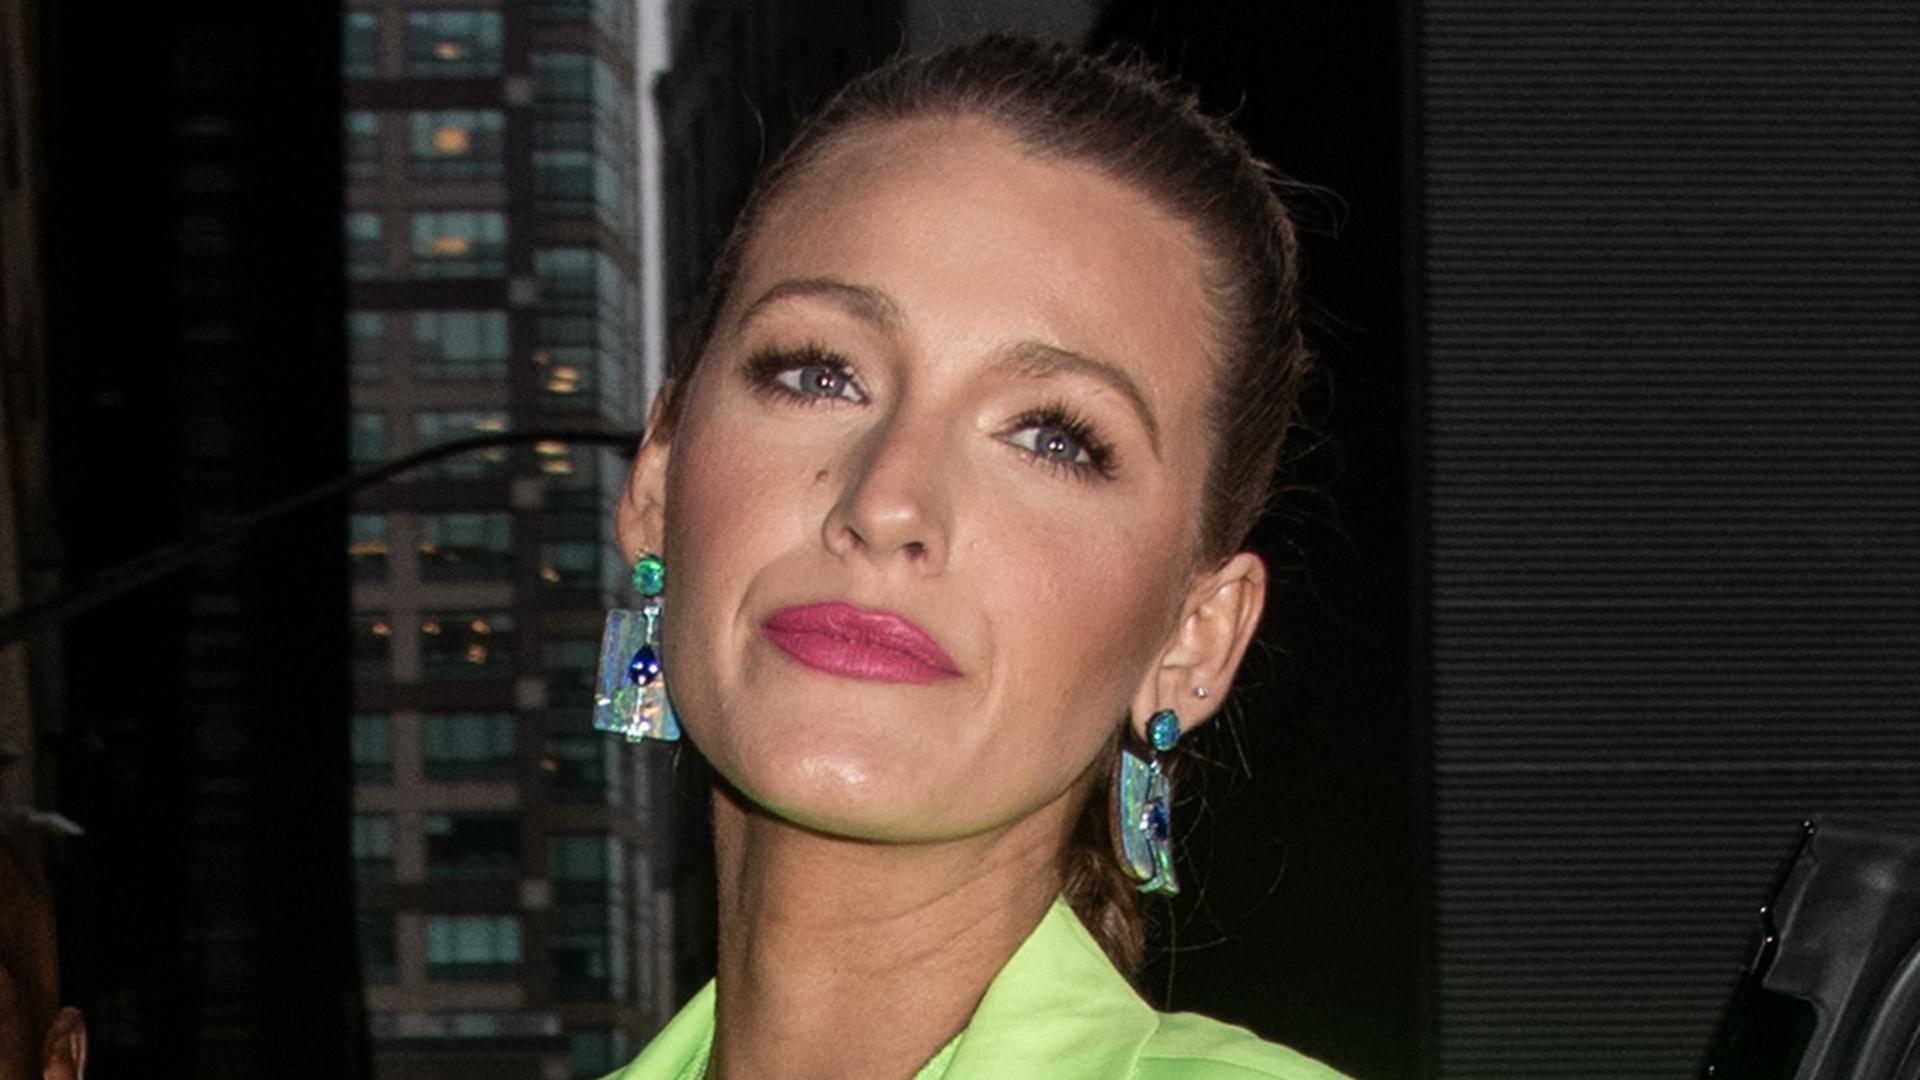 La actriz eligió pendientes de forma rectangular con piedras verdes y azules